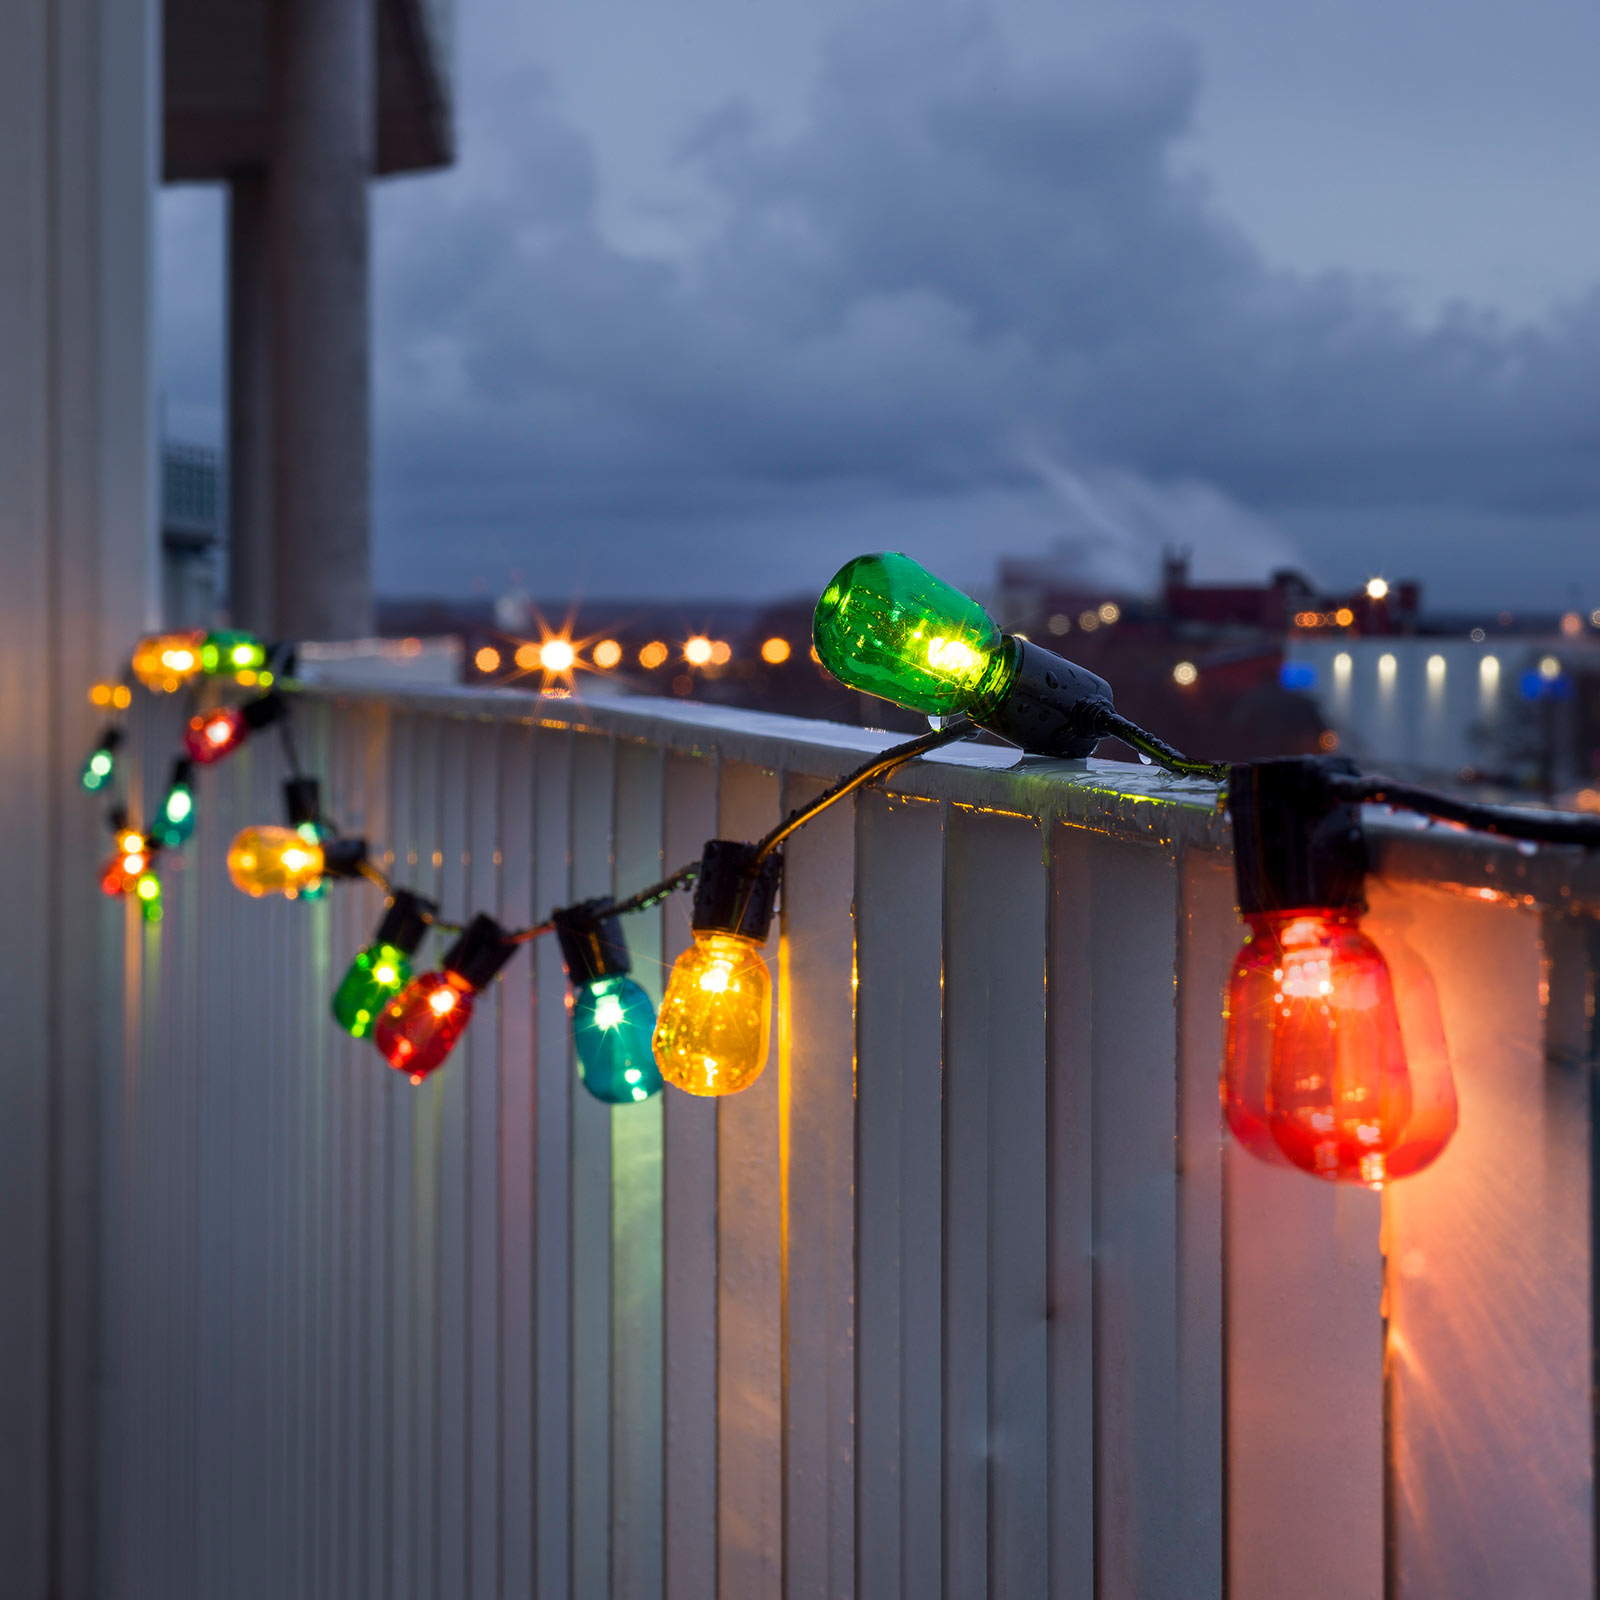 Lyslenke Biergarten 20 LED-dråper flerfarget